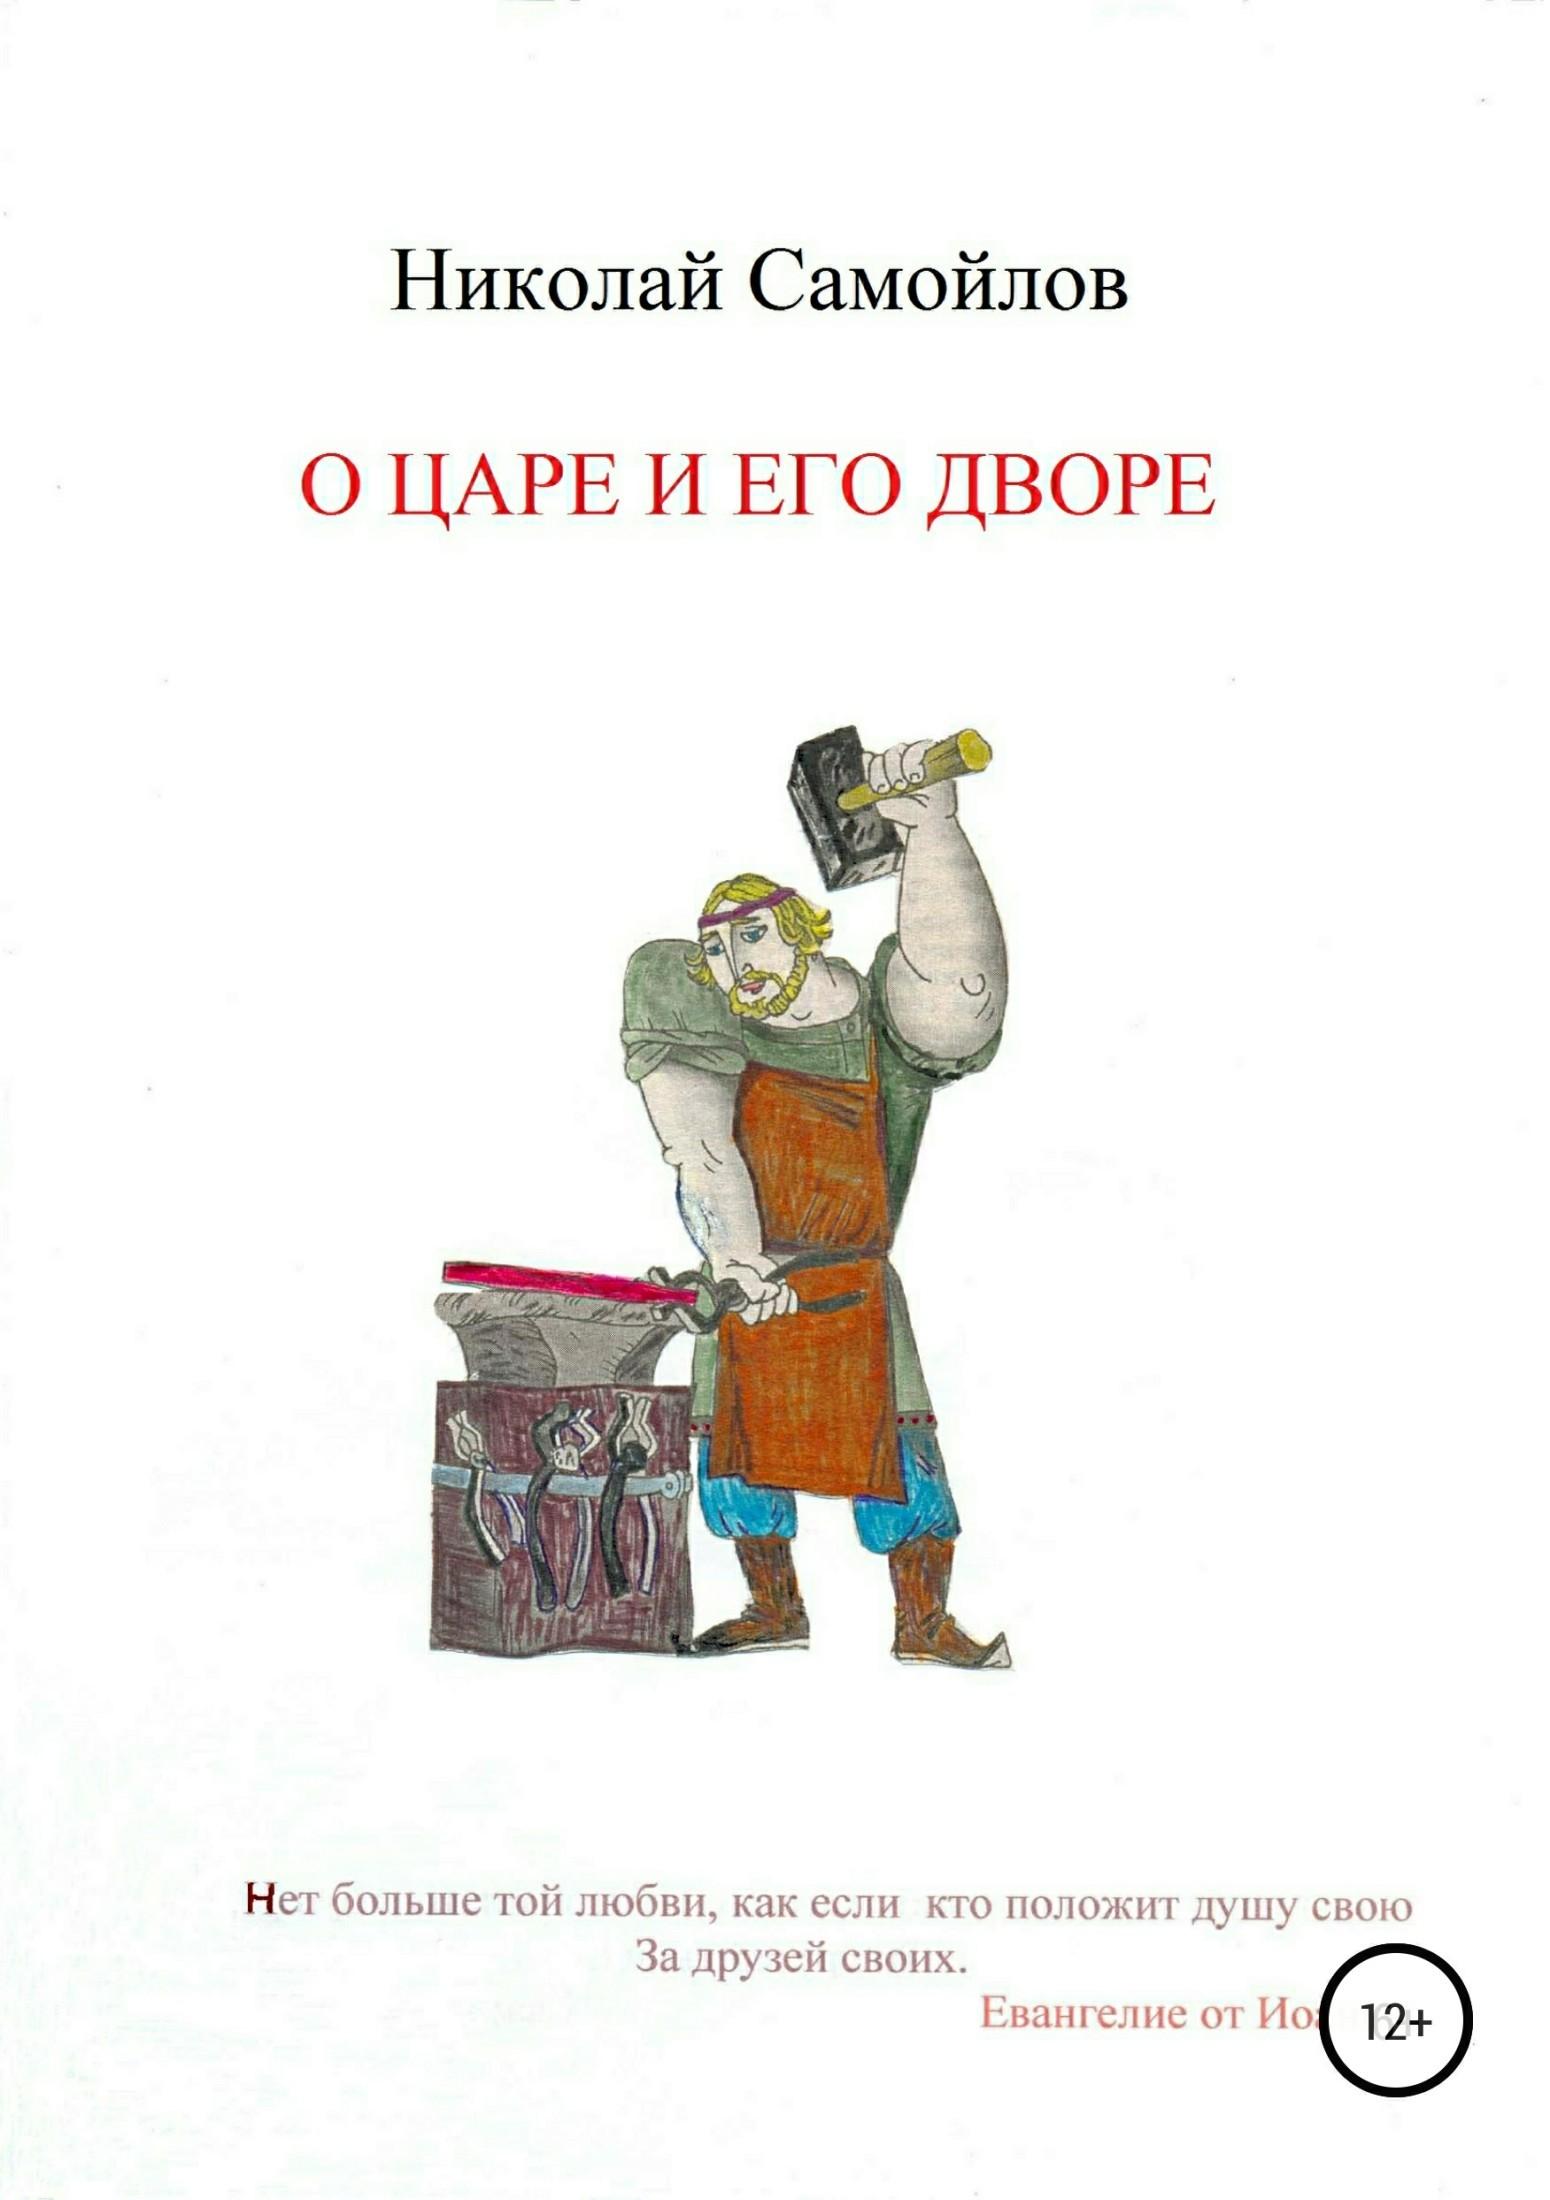 Николай Самойлов - О царе и его дворе